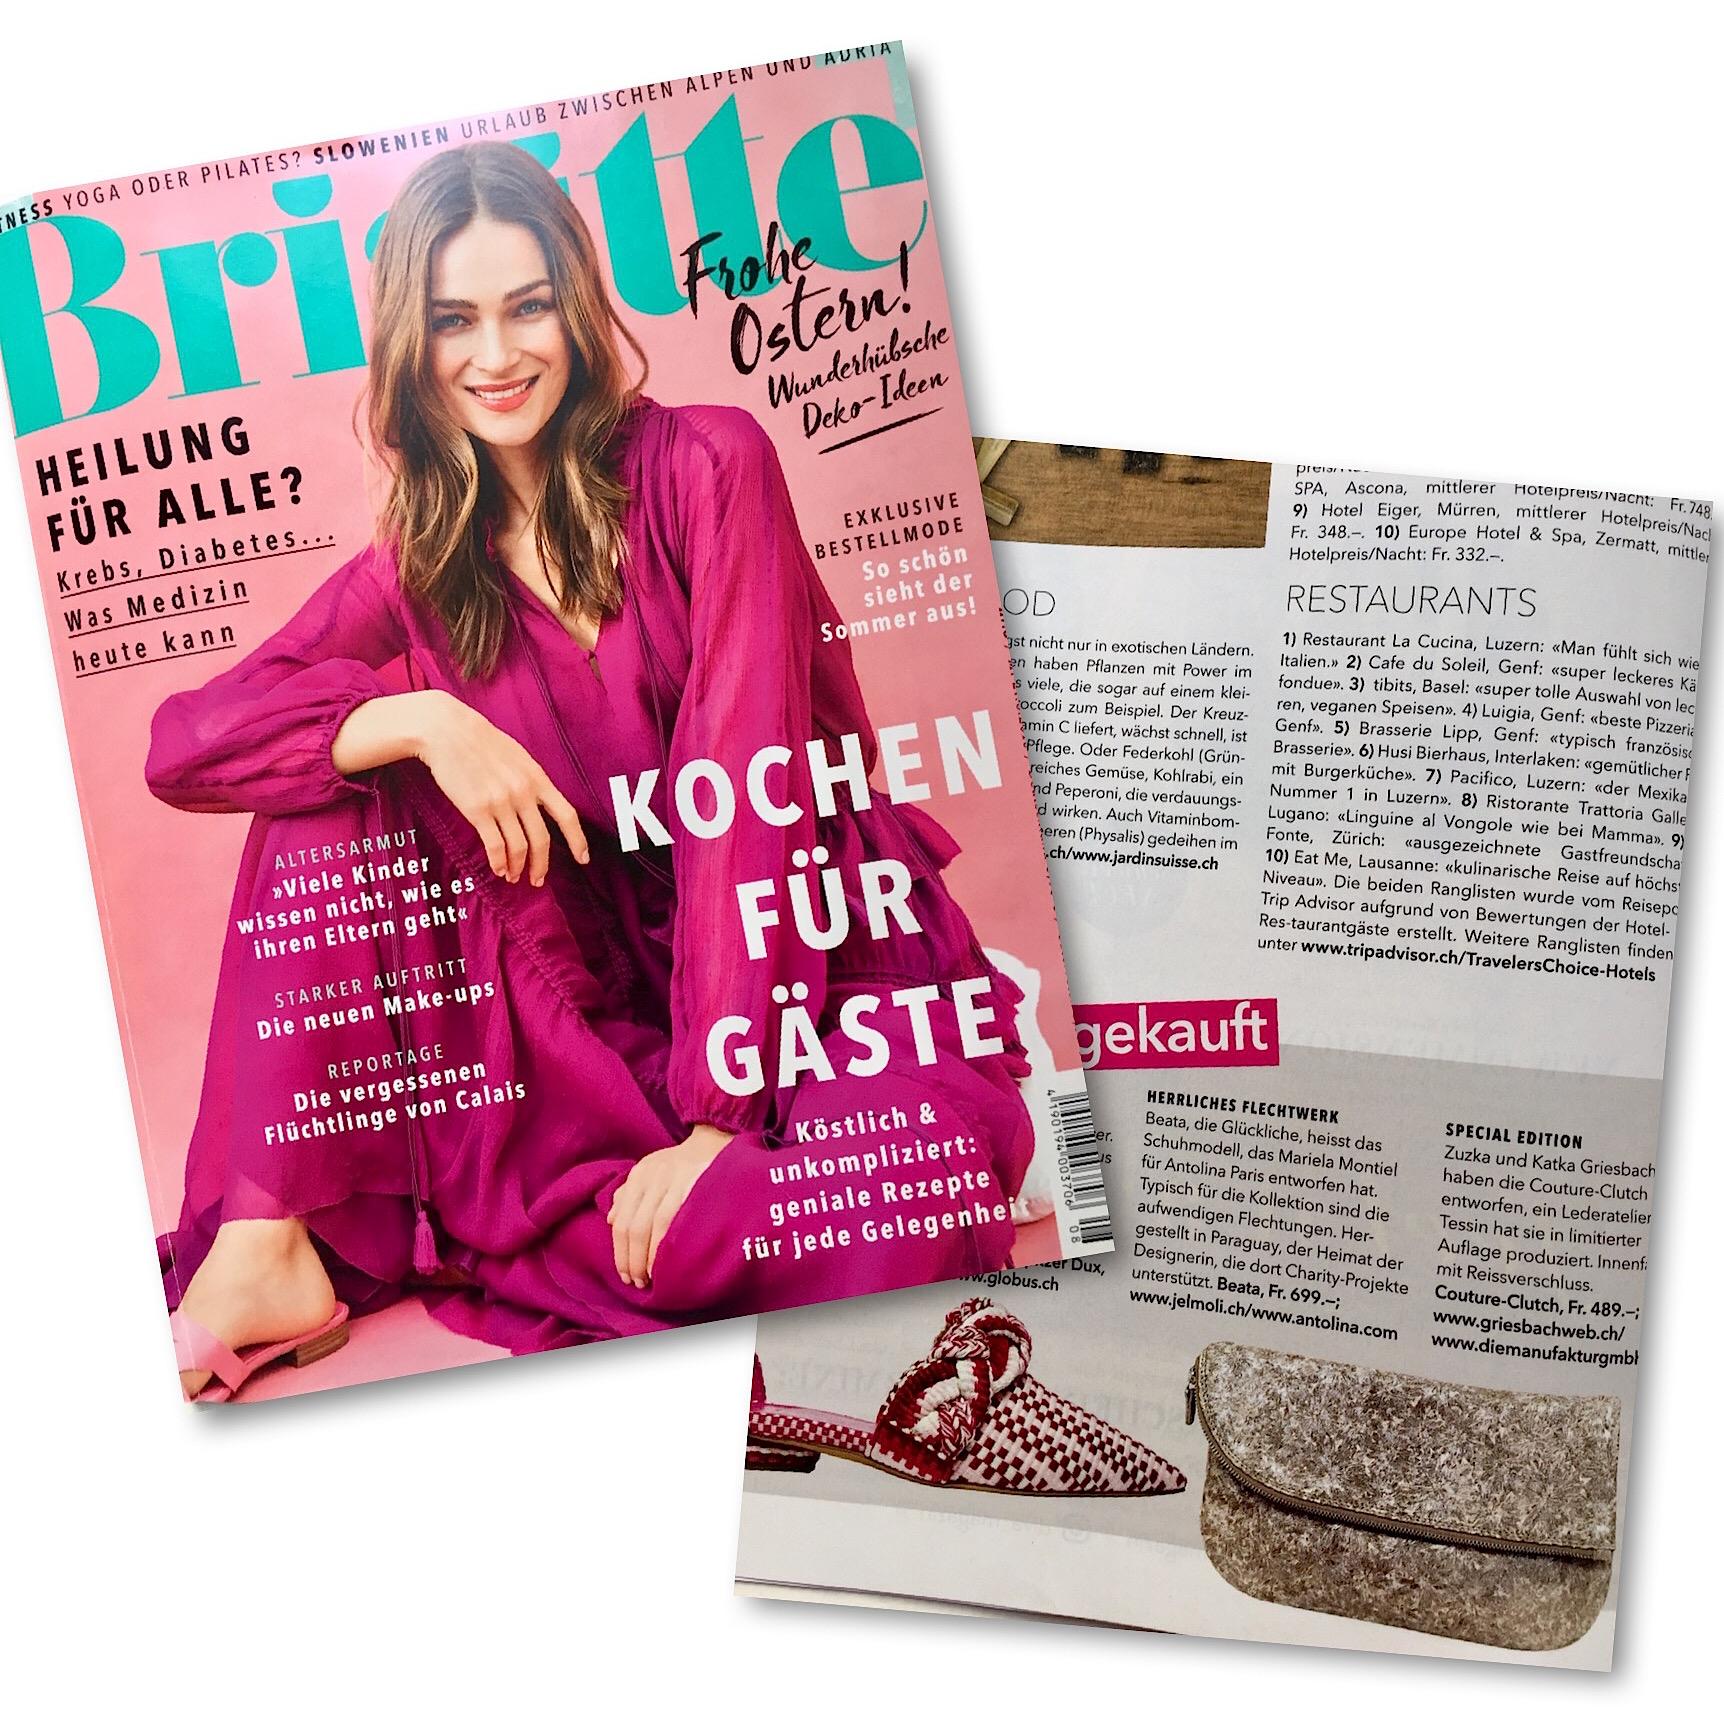 Die Couture Clutch In Der Aktuellen Brigitte News Griesbachweb